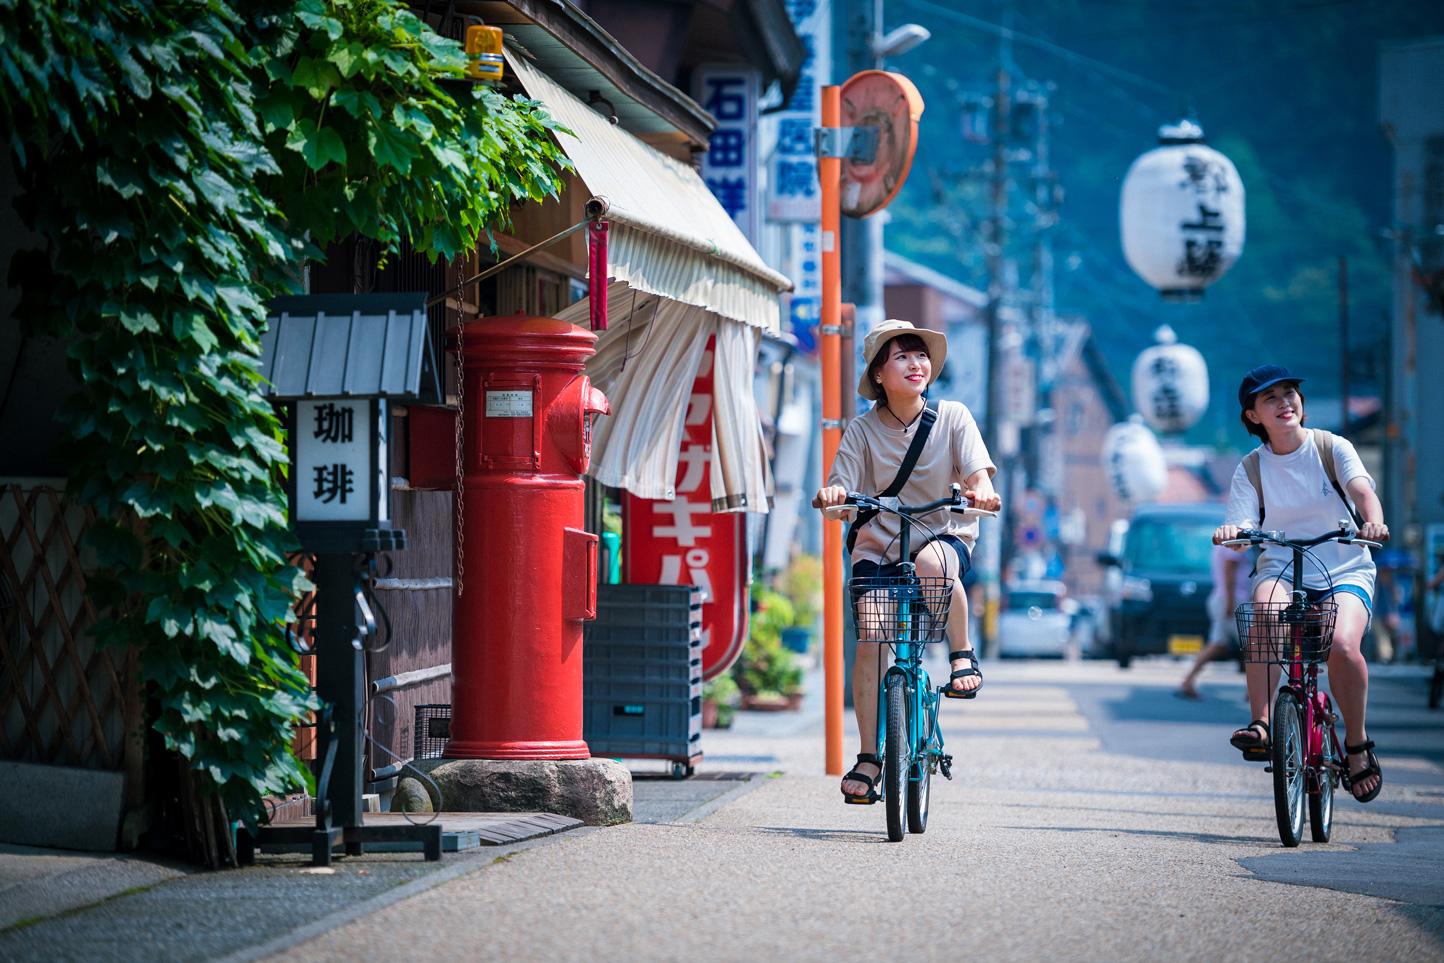 長良川サイクルクルーズ スライダー画像1